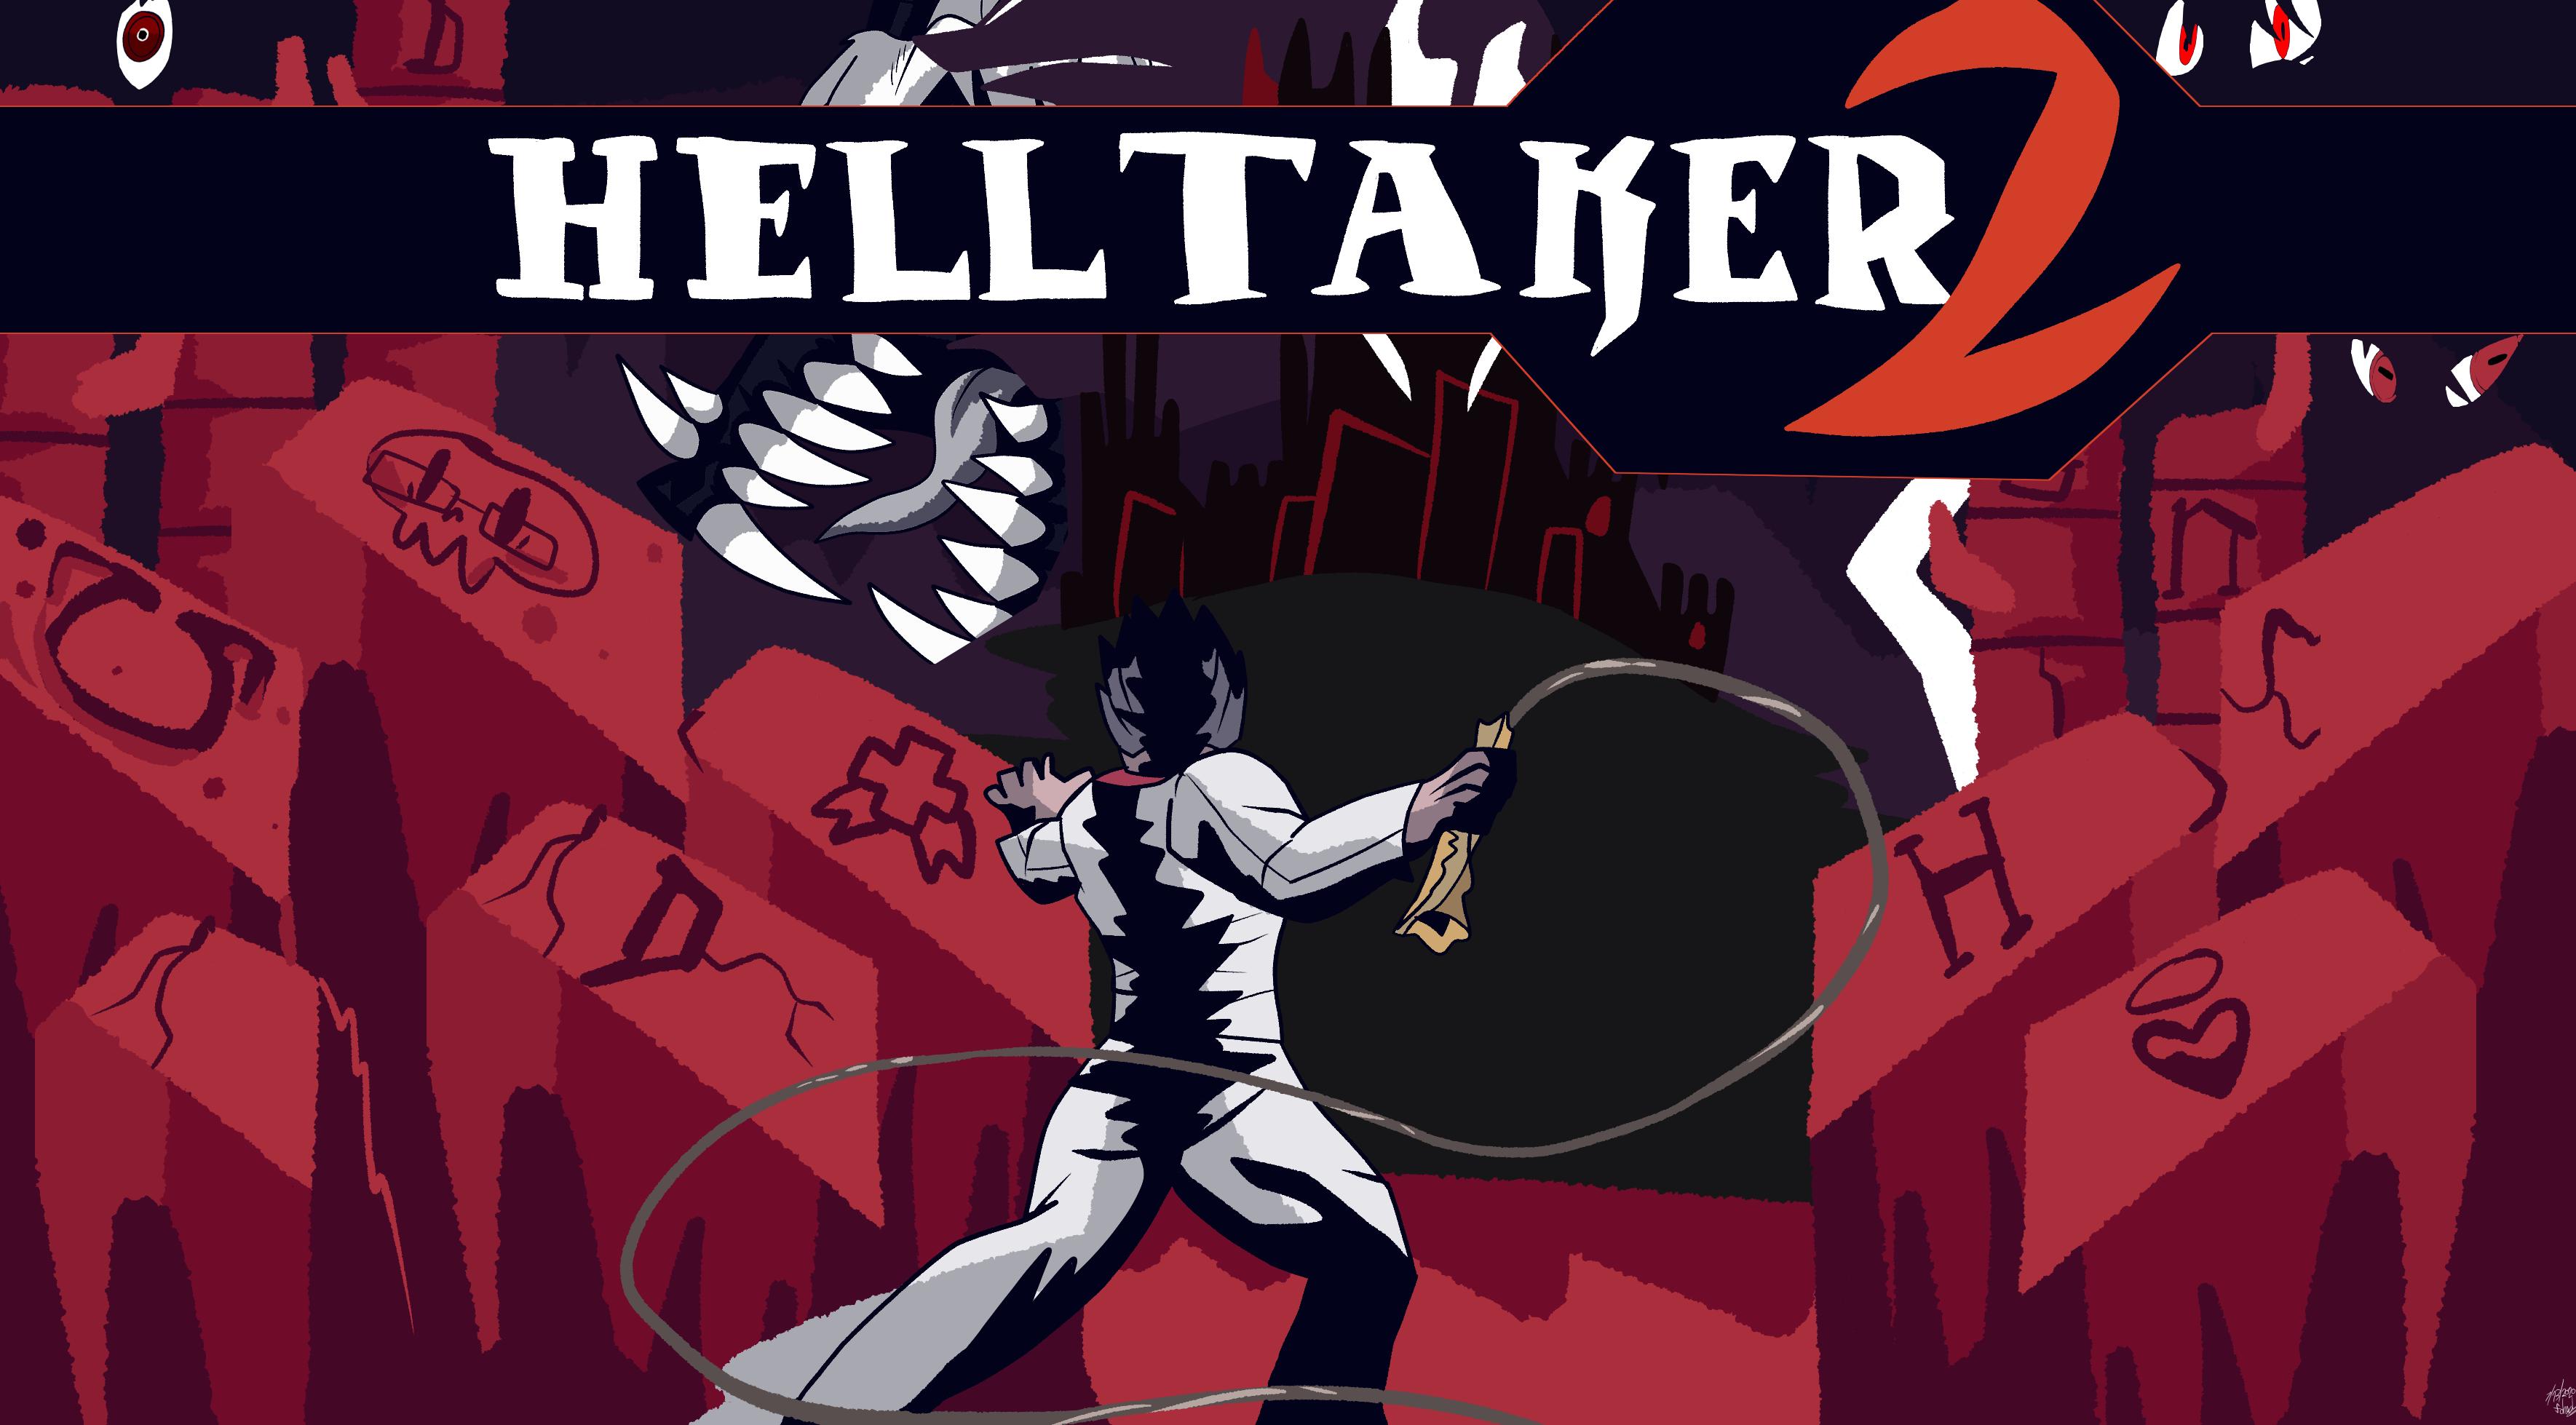 Helltaker 2 - Fanmade Artwork